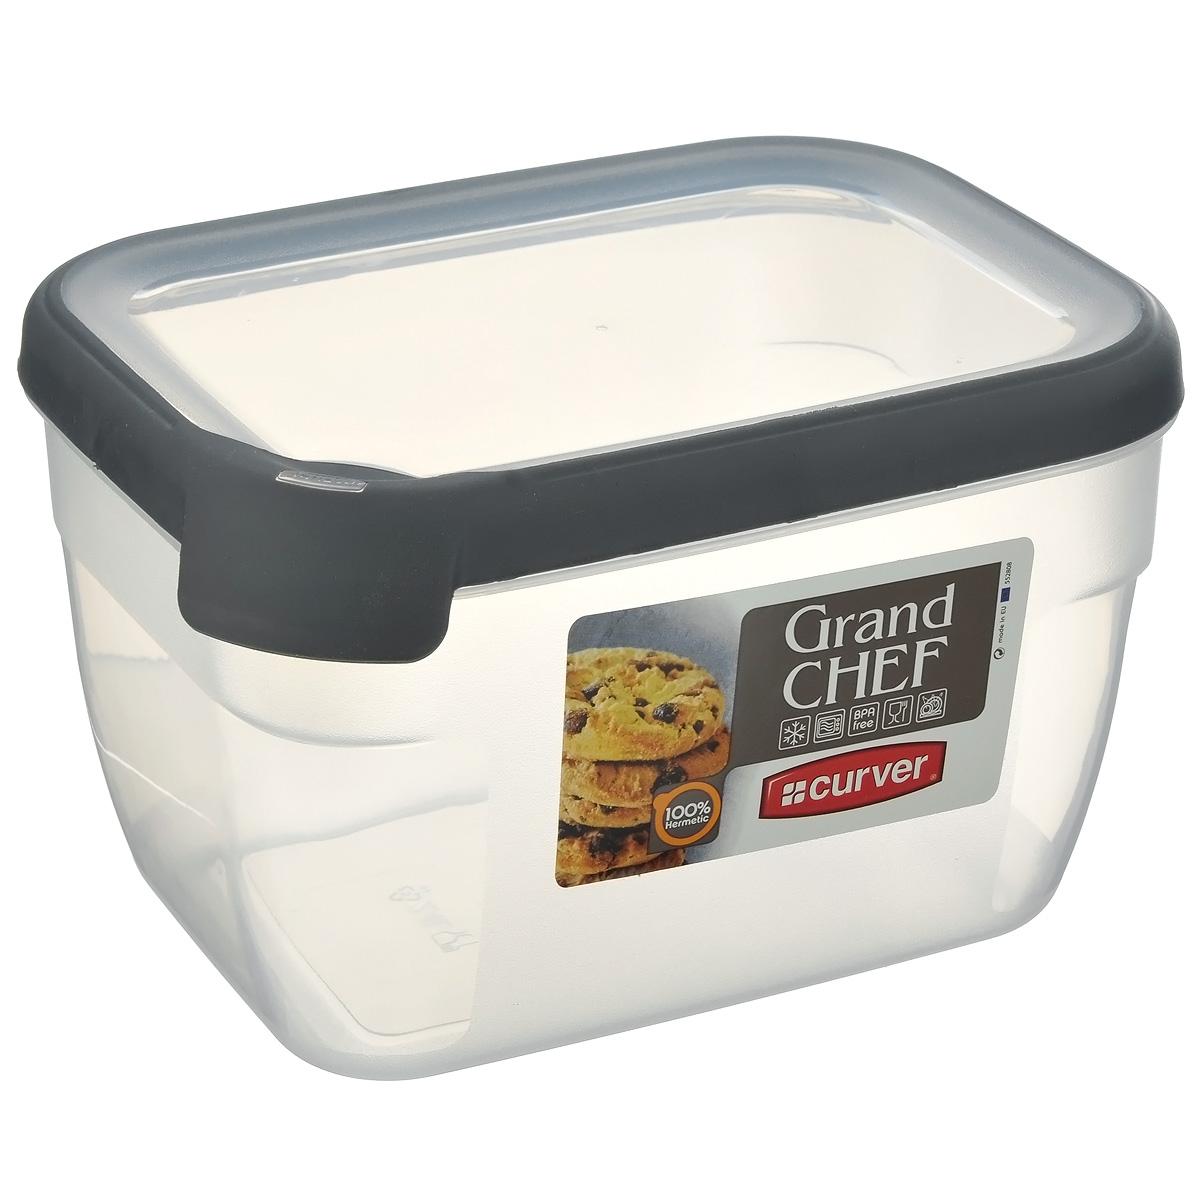 Емкость для заморозки и СВЧ Curver Grand Chef, цвет: серый, 2,4 л07399-673-00Прямоугольная емкость для заморозки и СВЧ Grand Chef изготовлена из высококачественного пищевого пластика (BPA free), который выдерживает температуру от -40°С до +100°С. Стенки емкости и крышка прозрачные. Крышка по краю оснащена силиконовой вставкой, благодаря которой плотно и герметично закрывается, дольше сохраняя продукты свежими и вкусными. Емкость удобно брать с собой на пикник, дачу, в поход или просто использовать для хранения пищи в холодильнике. Можно использовать в микроволновой печи и для заморозки в морозильной камере. Можно мыть в посудомоечной машине.